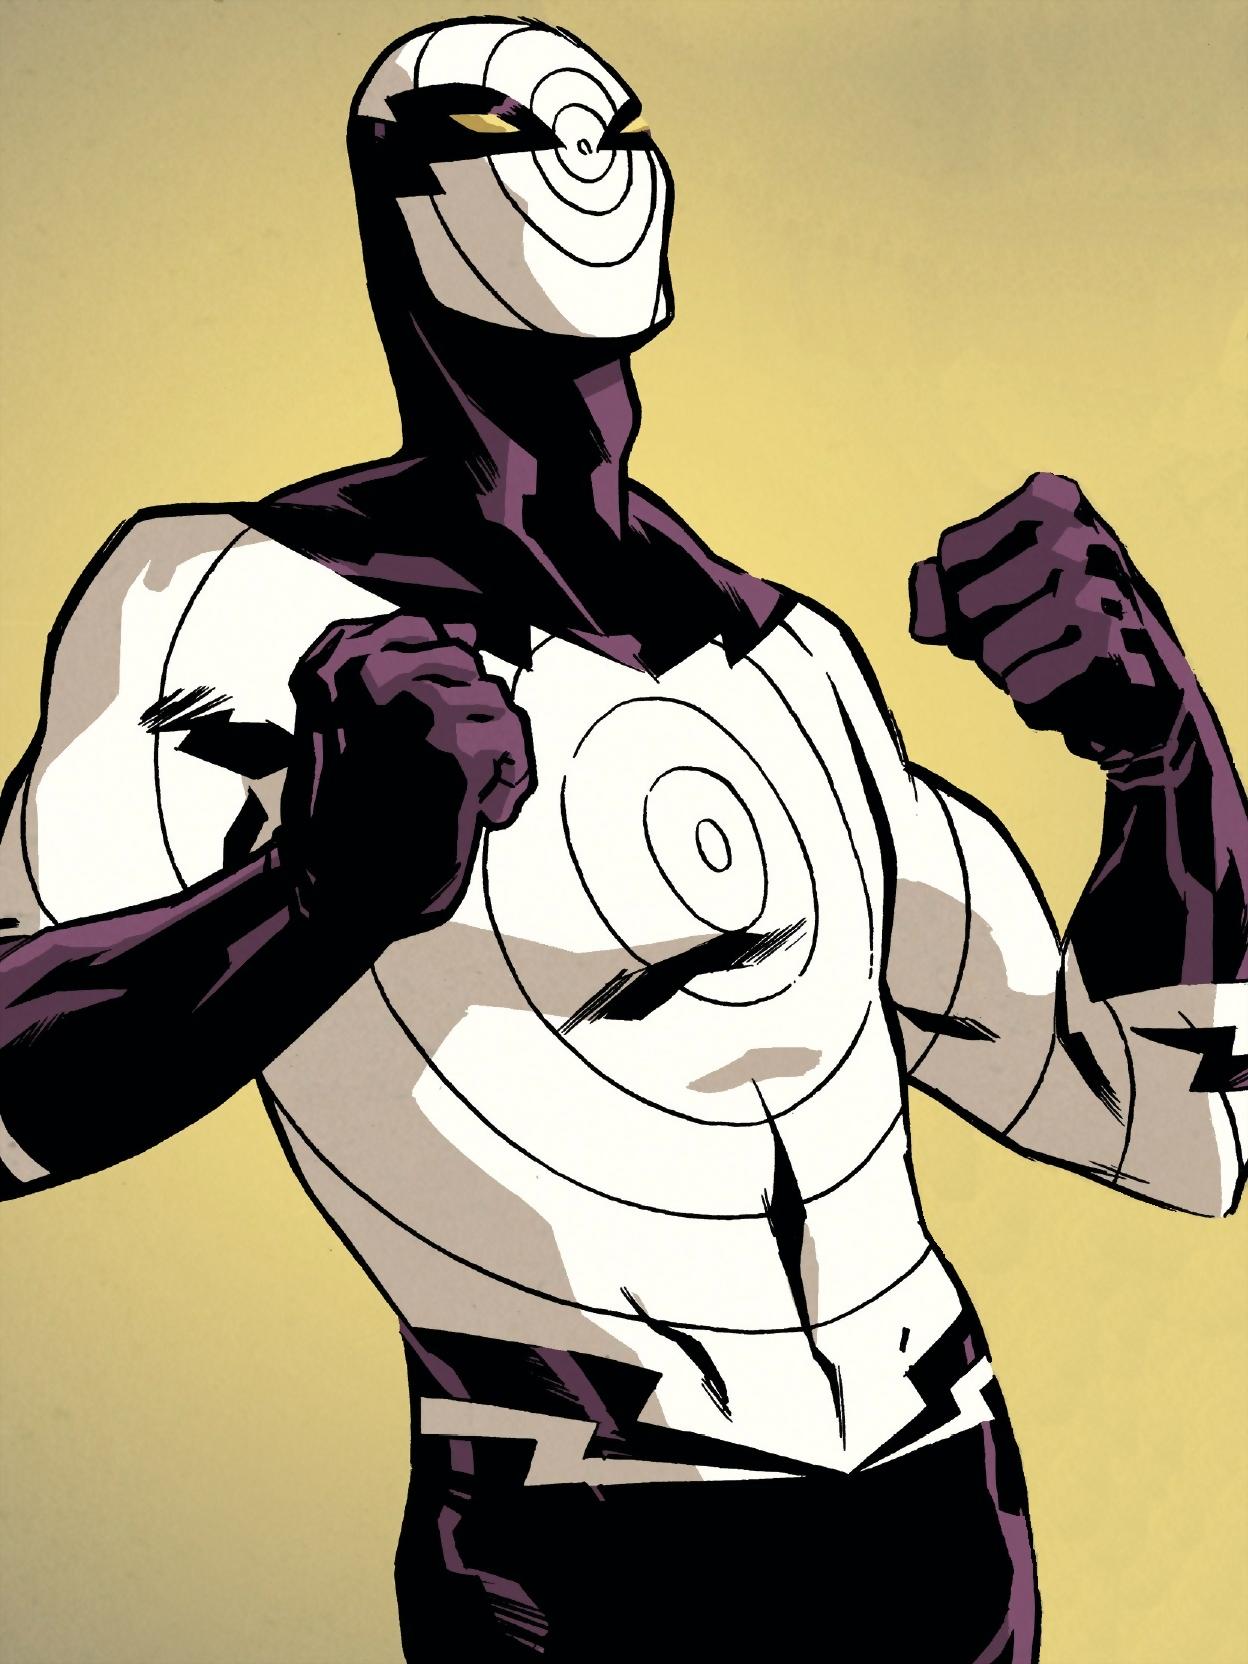 Clash's Suit